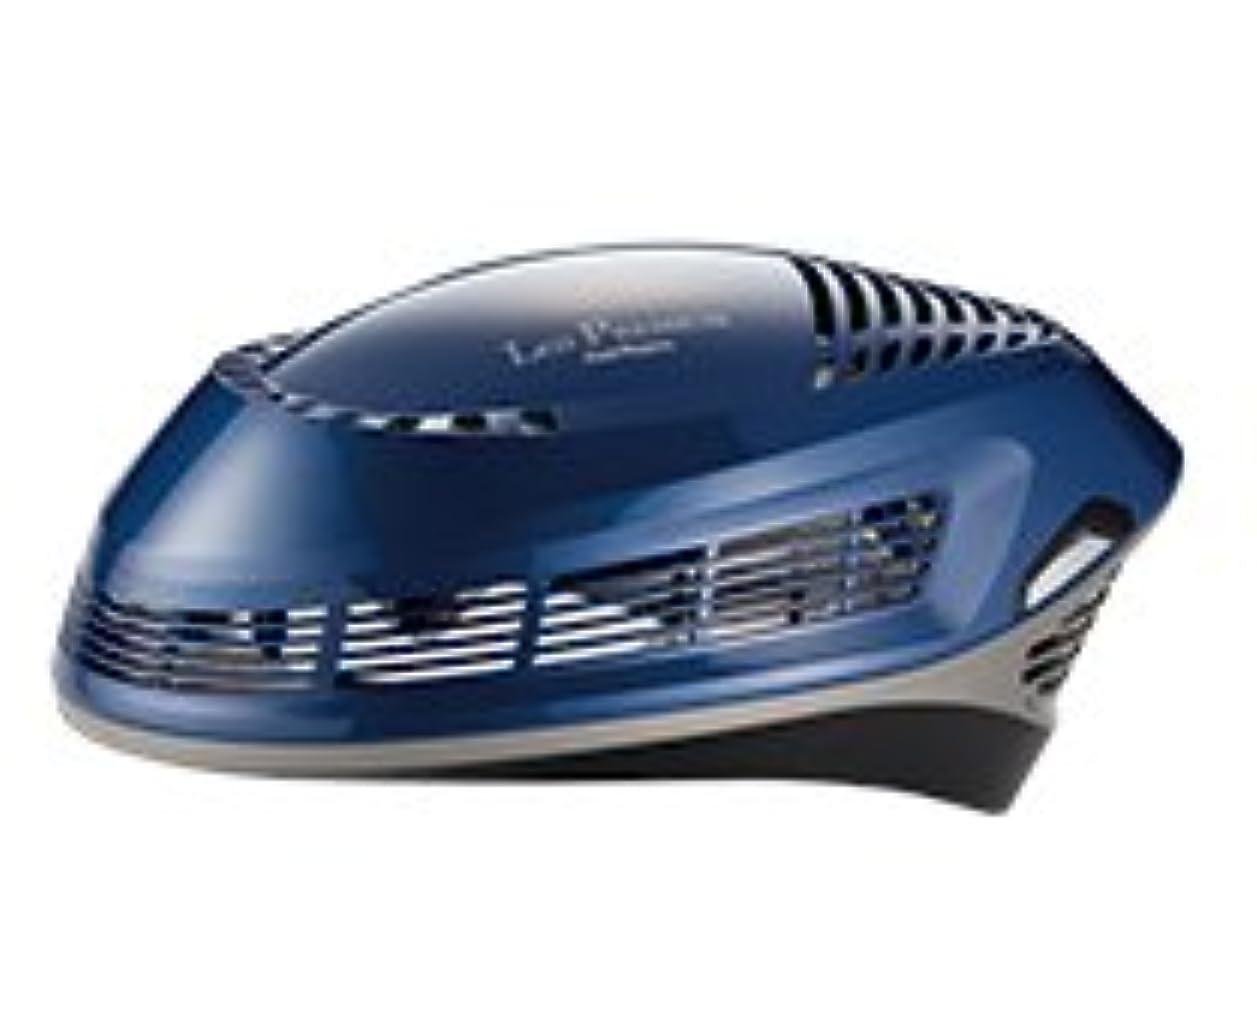 保護するサービス匹敵します【頭皮ケア用LED照射機】へアリプロ LEDプレミアム ヘアケア (オリエンタルブルー)